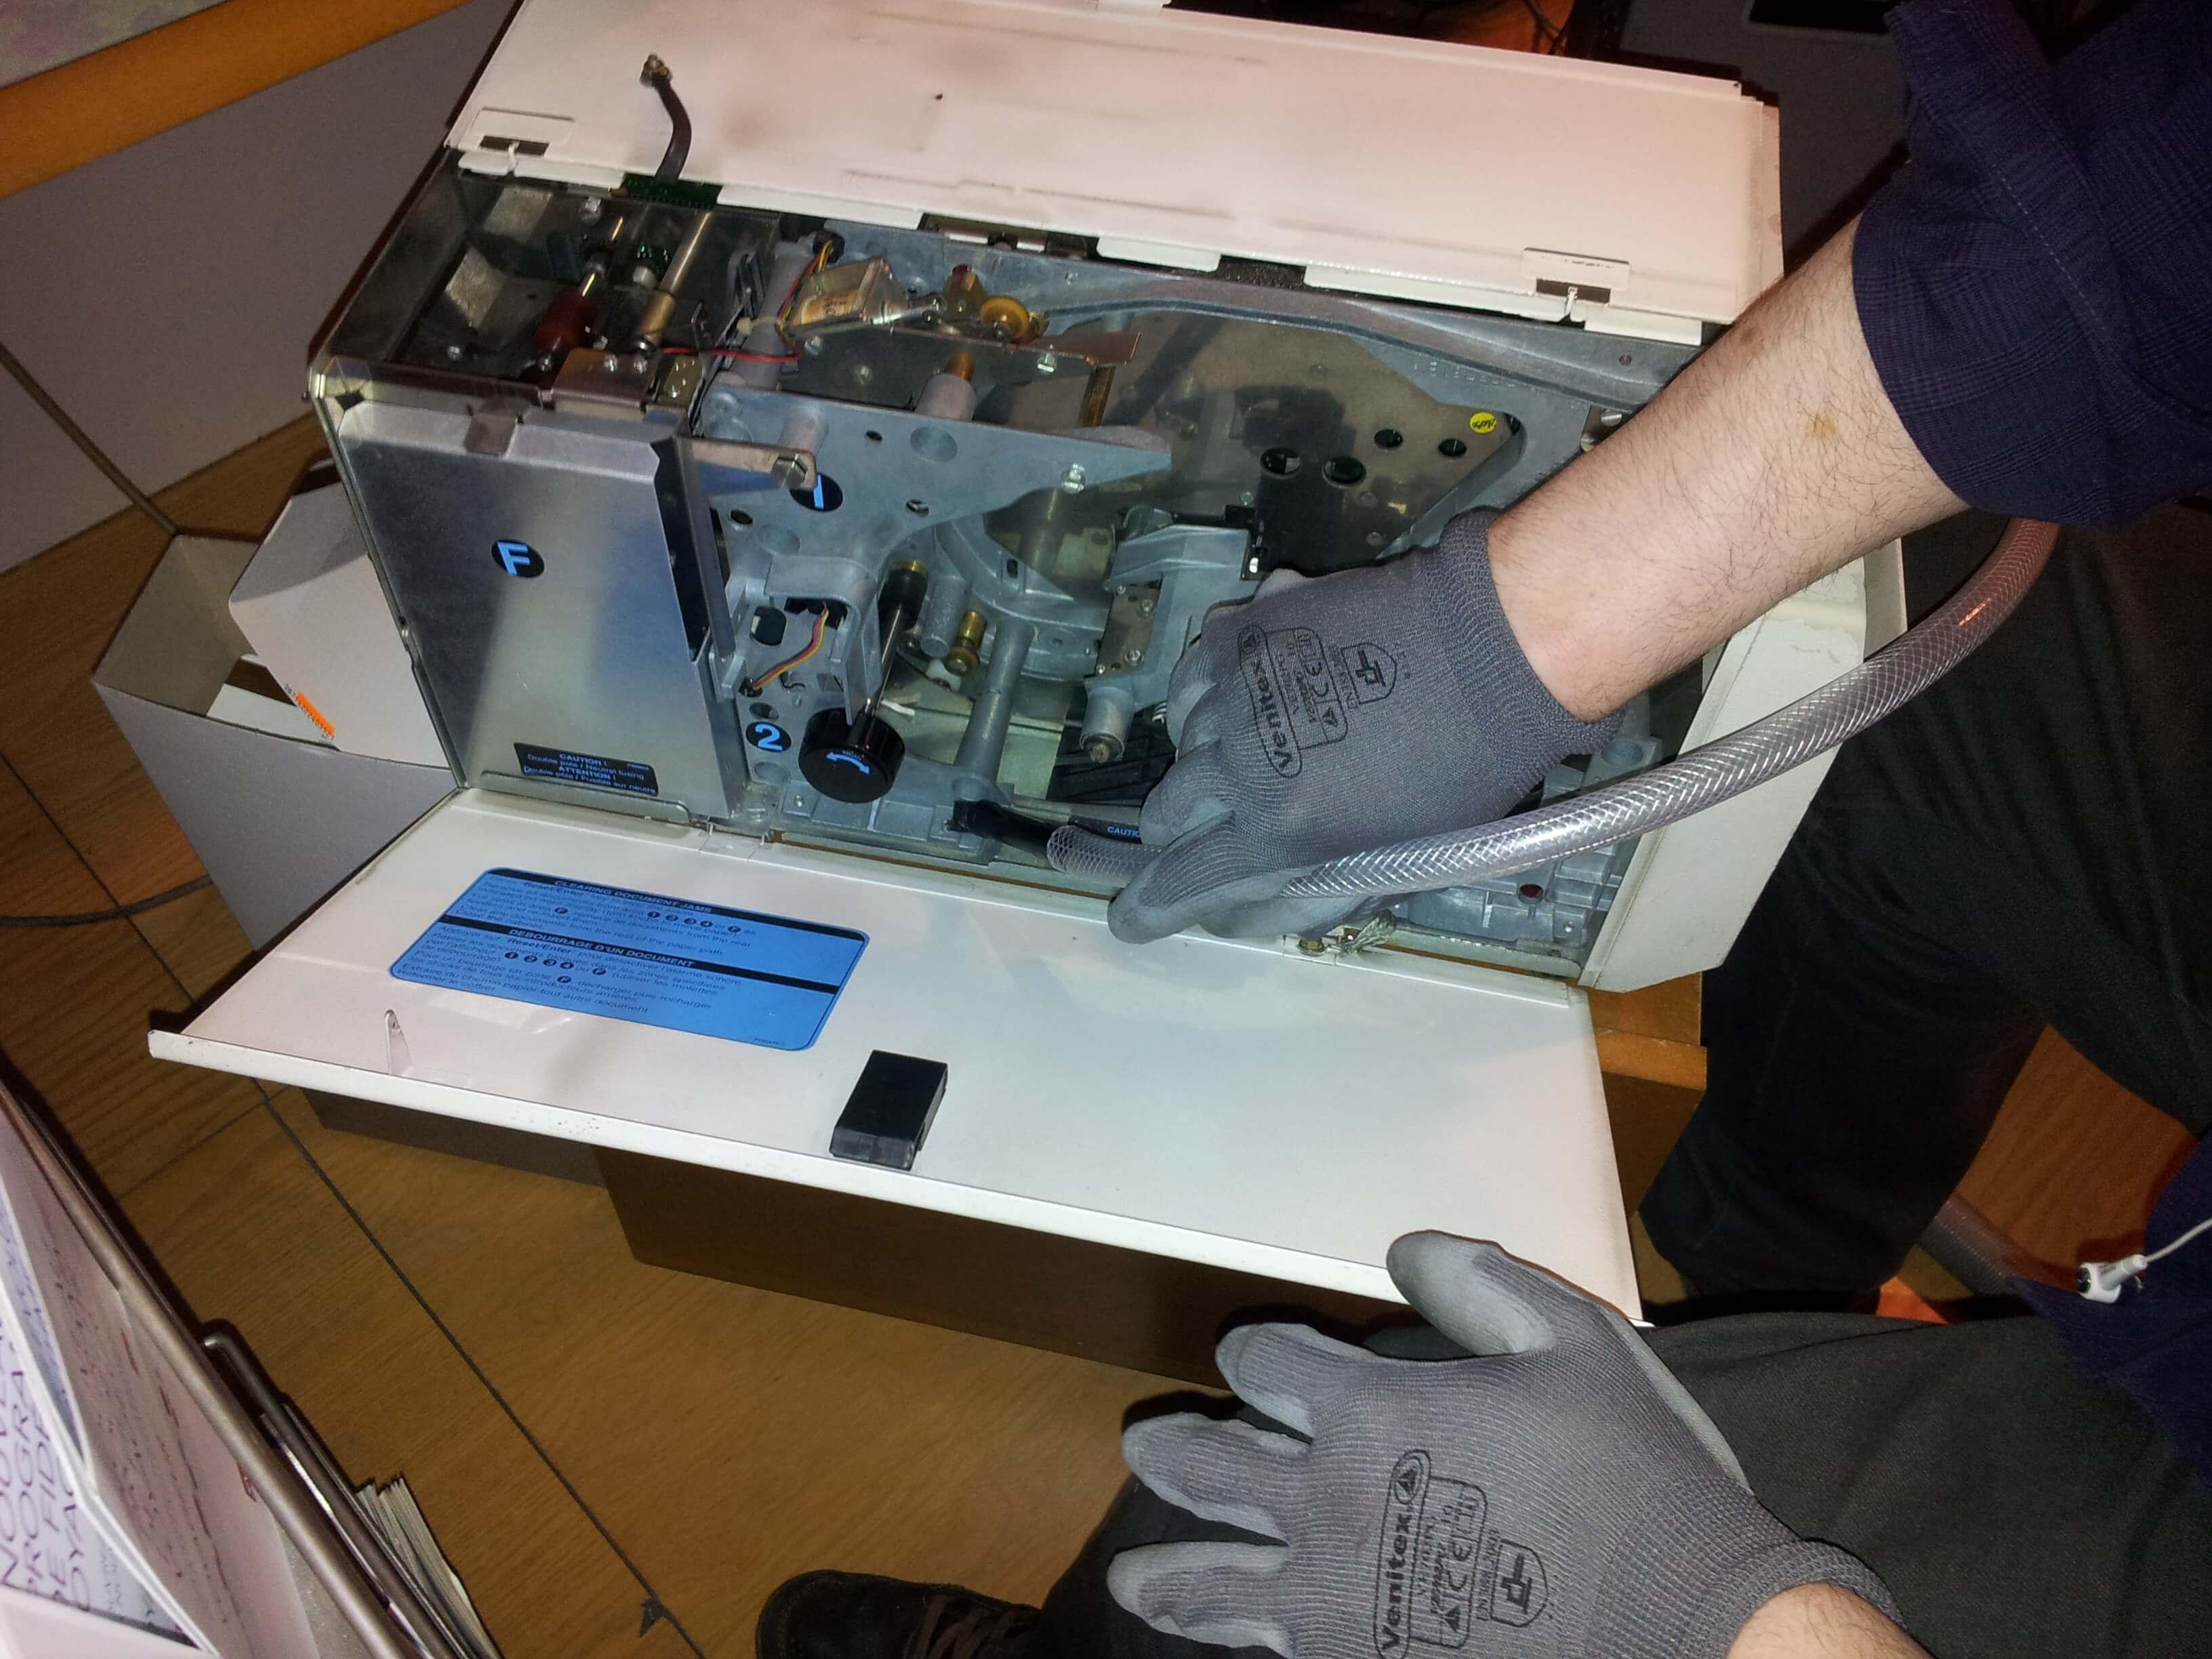 Nettoyage des imprimantes de billetterie